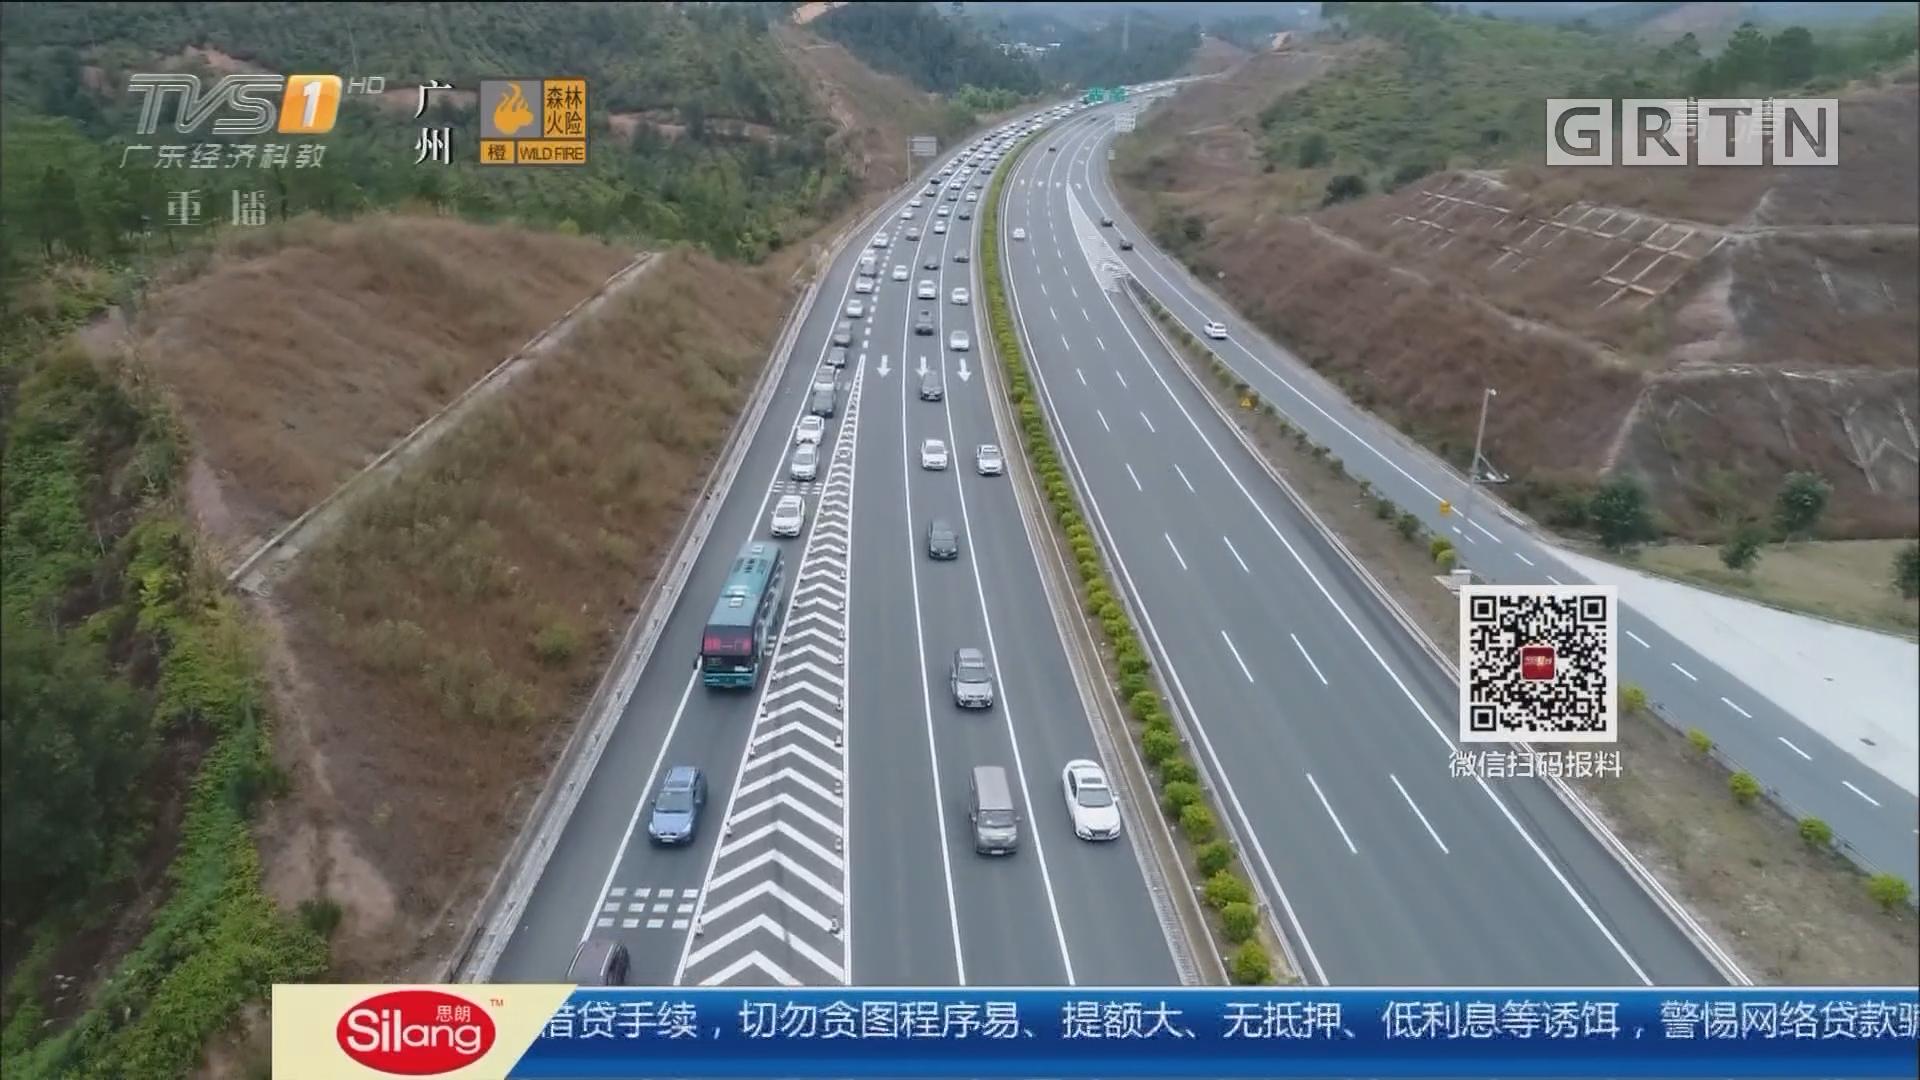 关注春运路况:珠三角至粤东多条高速 路况总体良好